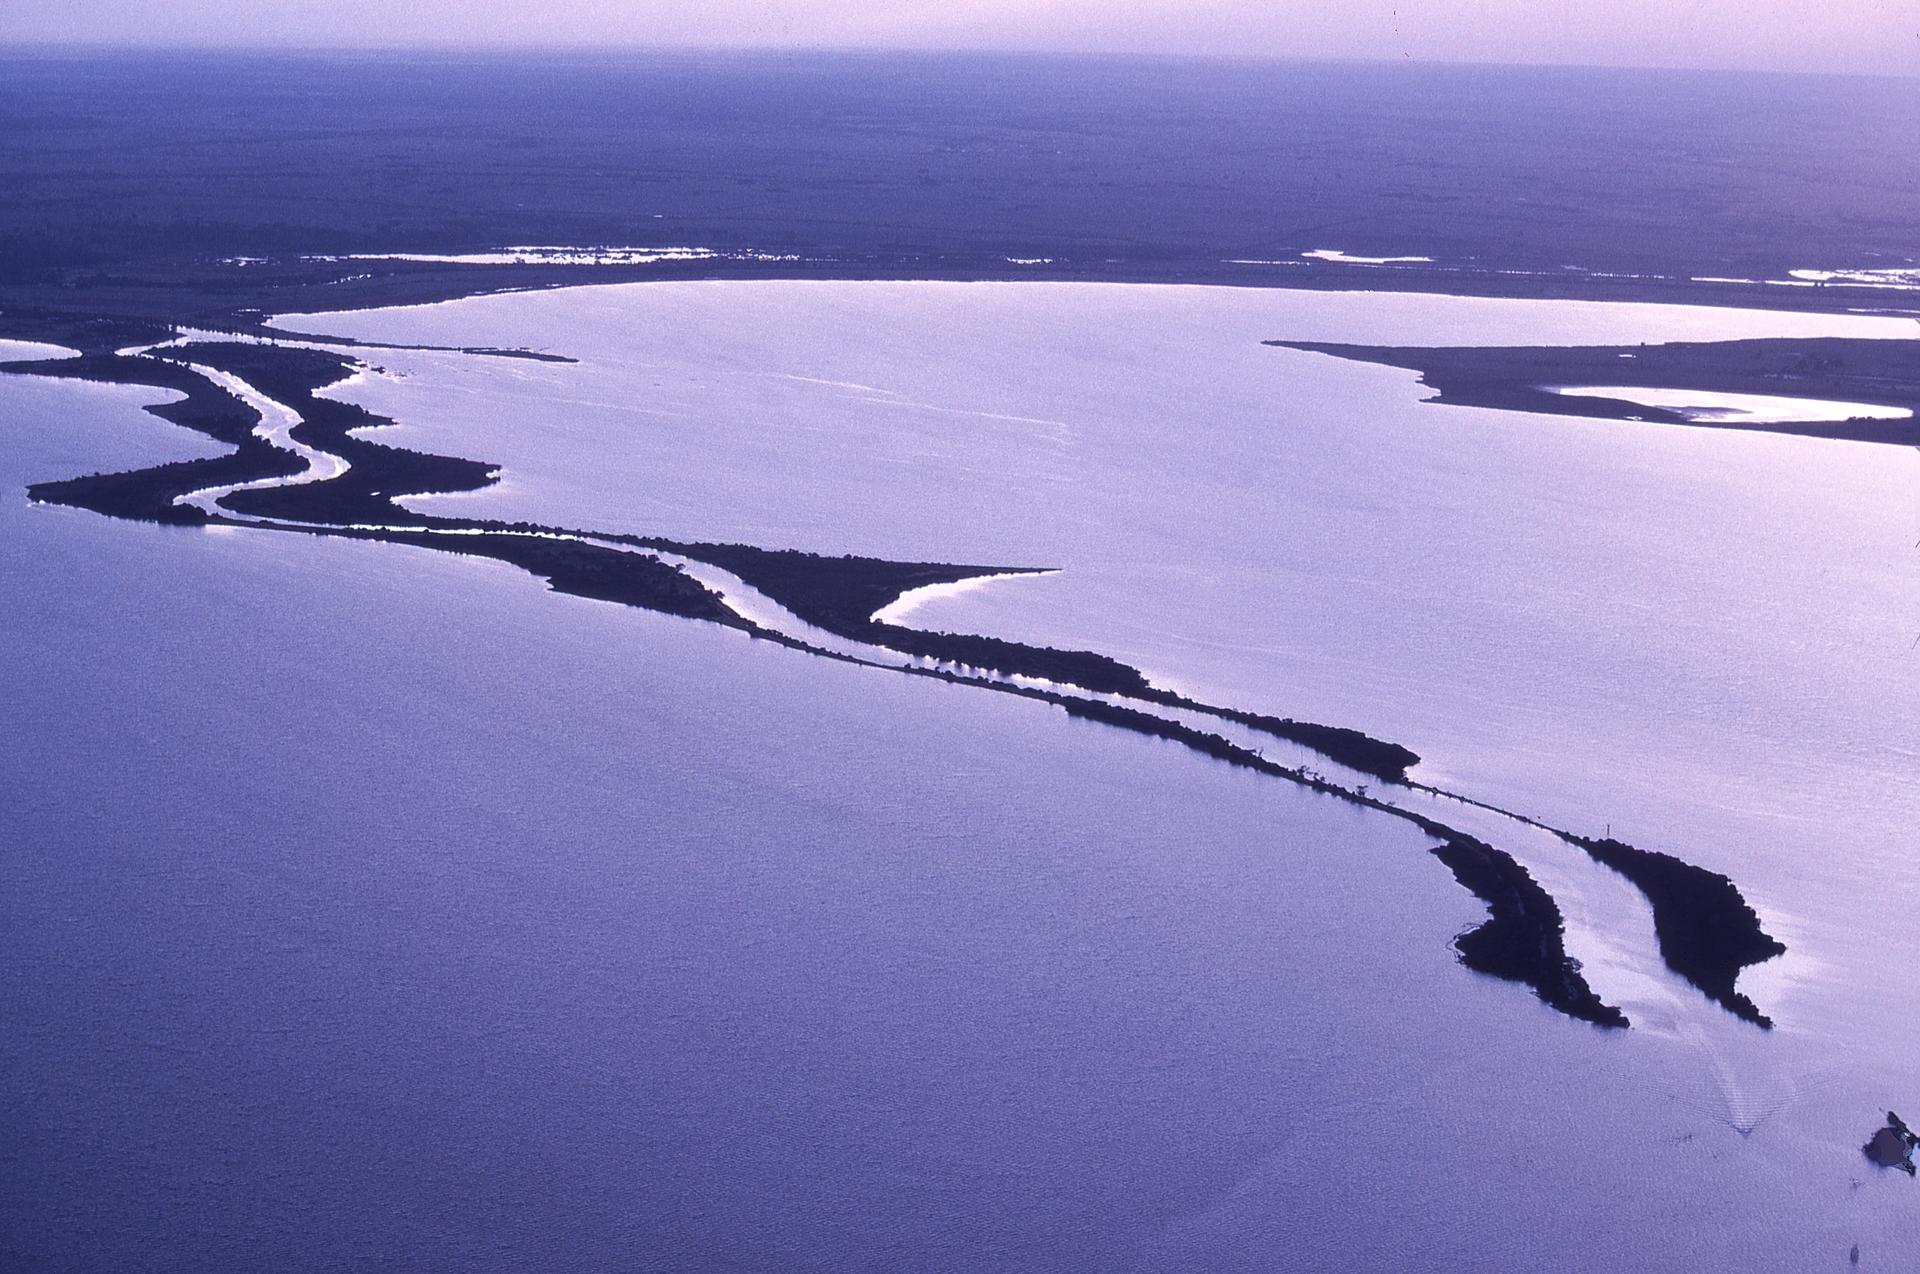 Lake King